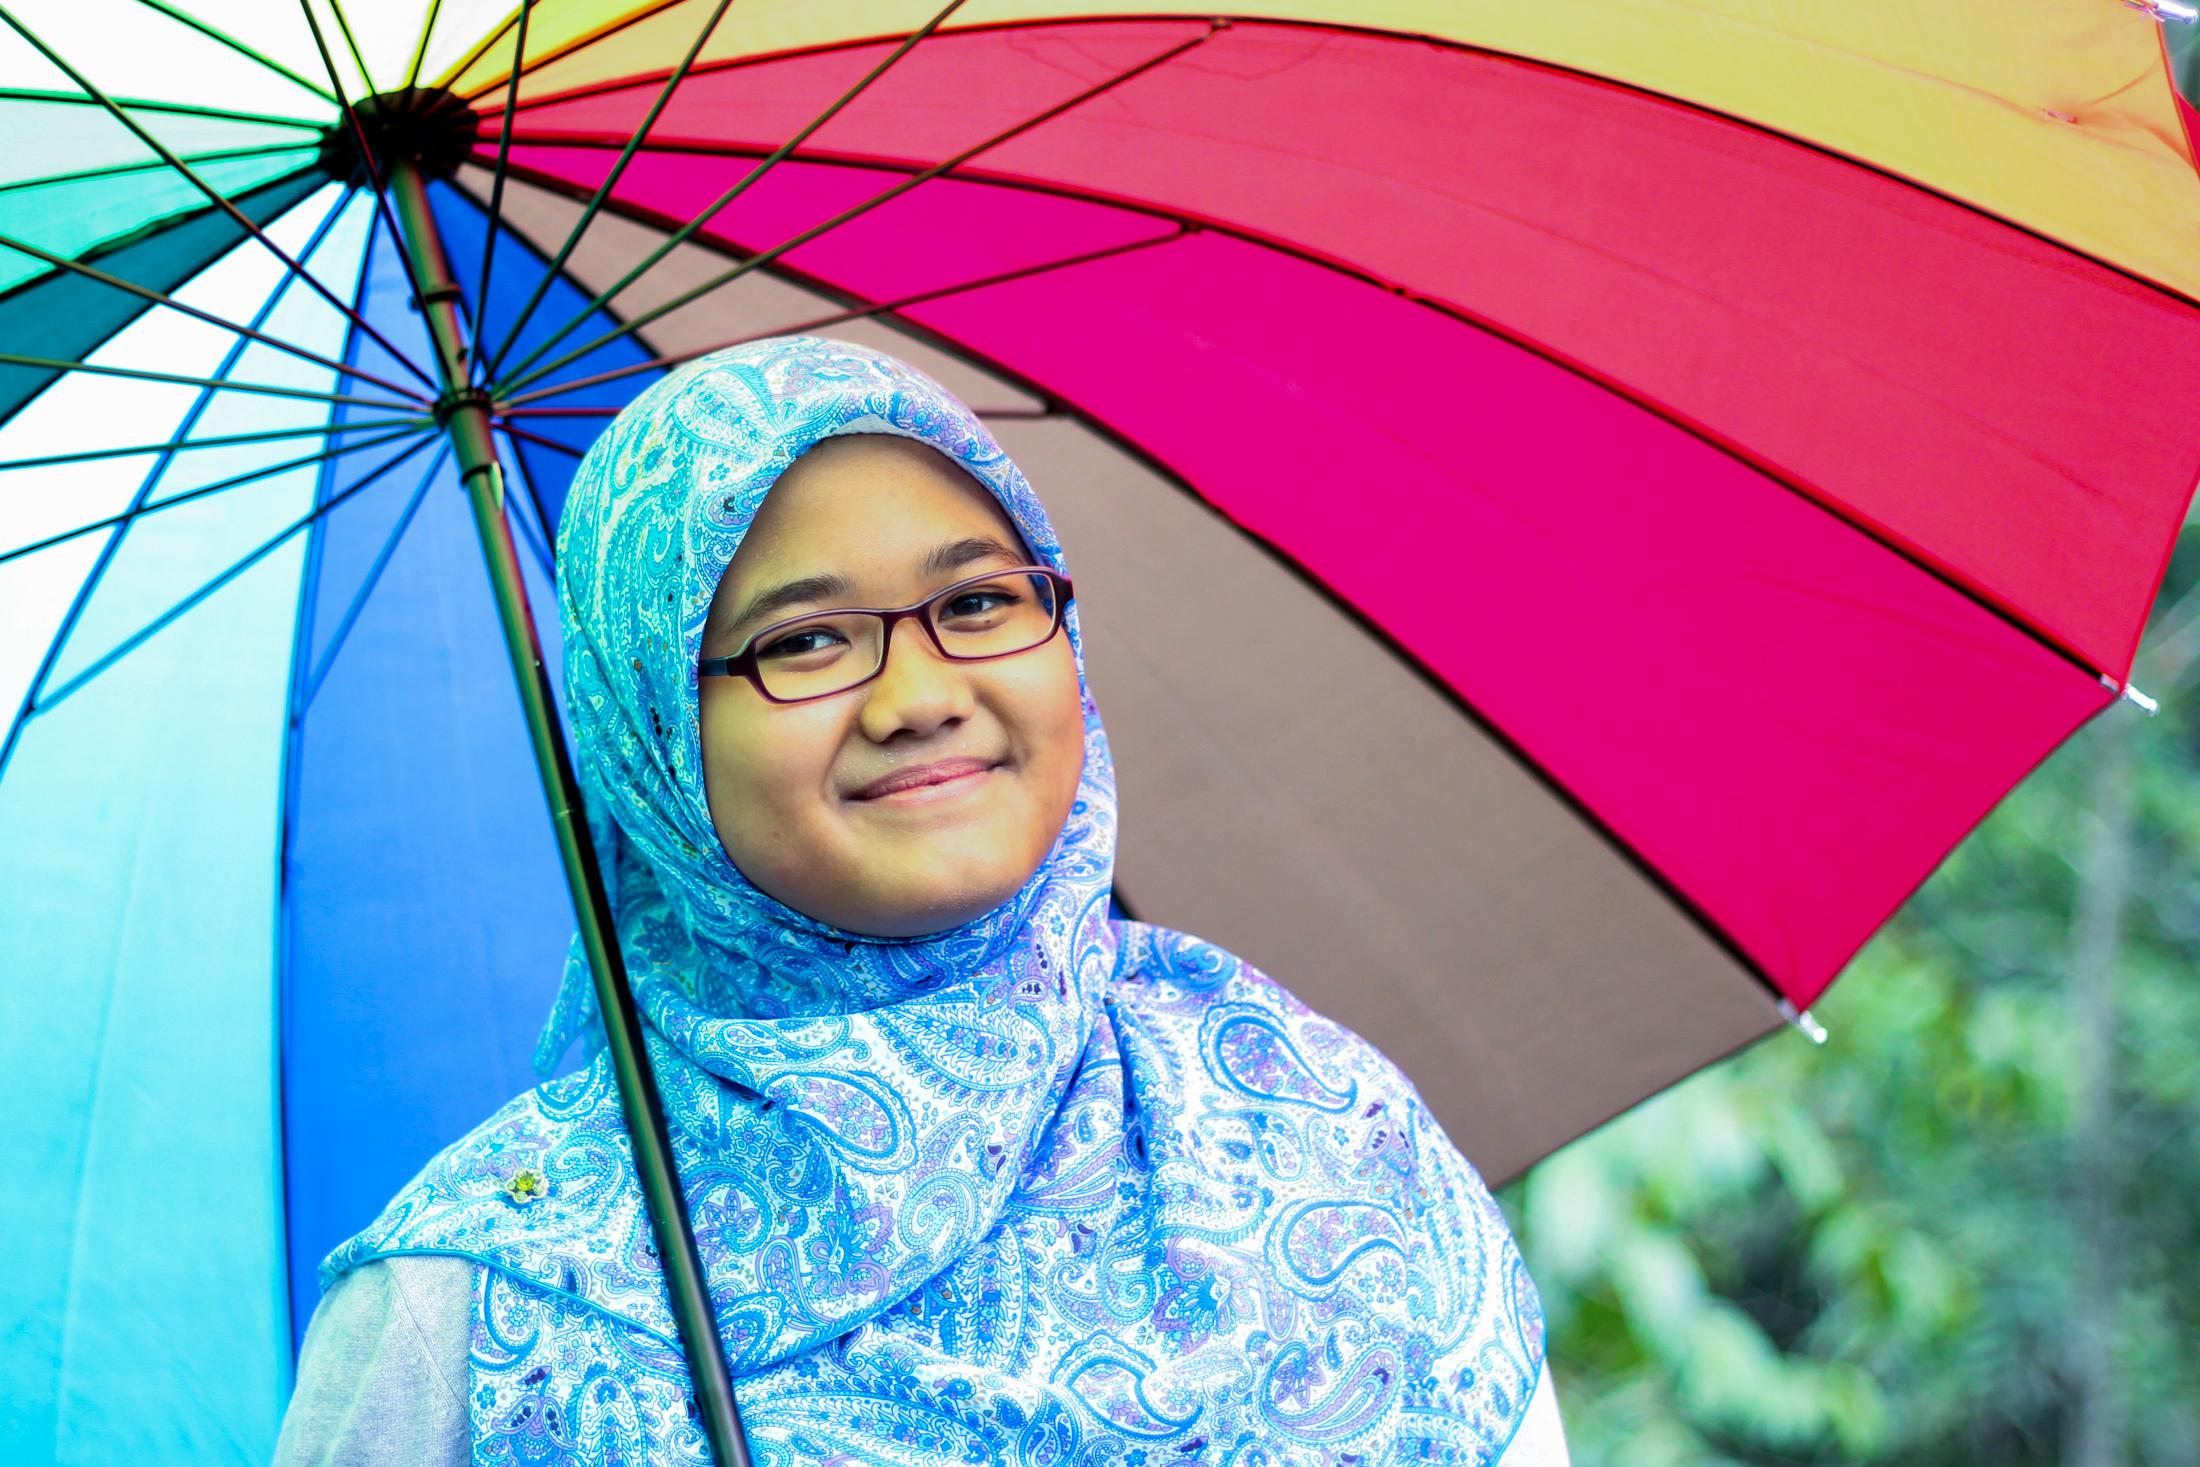 Nama model ini adalah Intan dan dia suka pegang payung. Maka ini adalah gambar Intan Payung yang sebenar. Kau ada? Hahahaha....